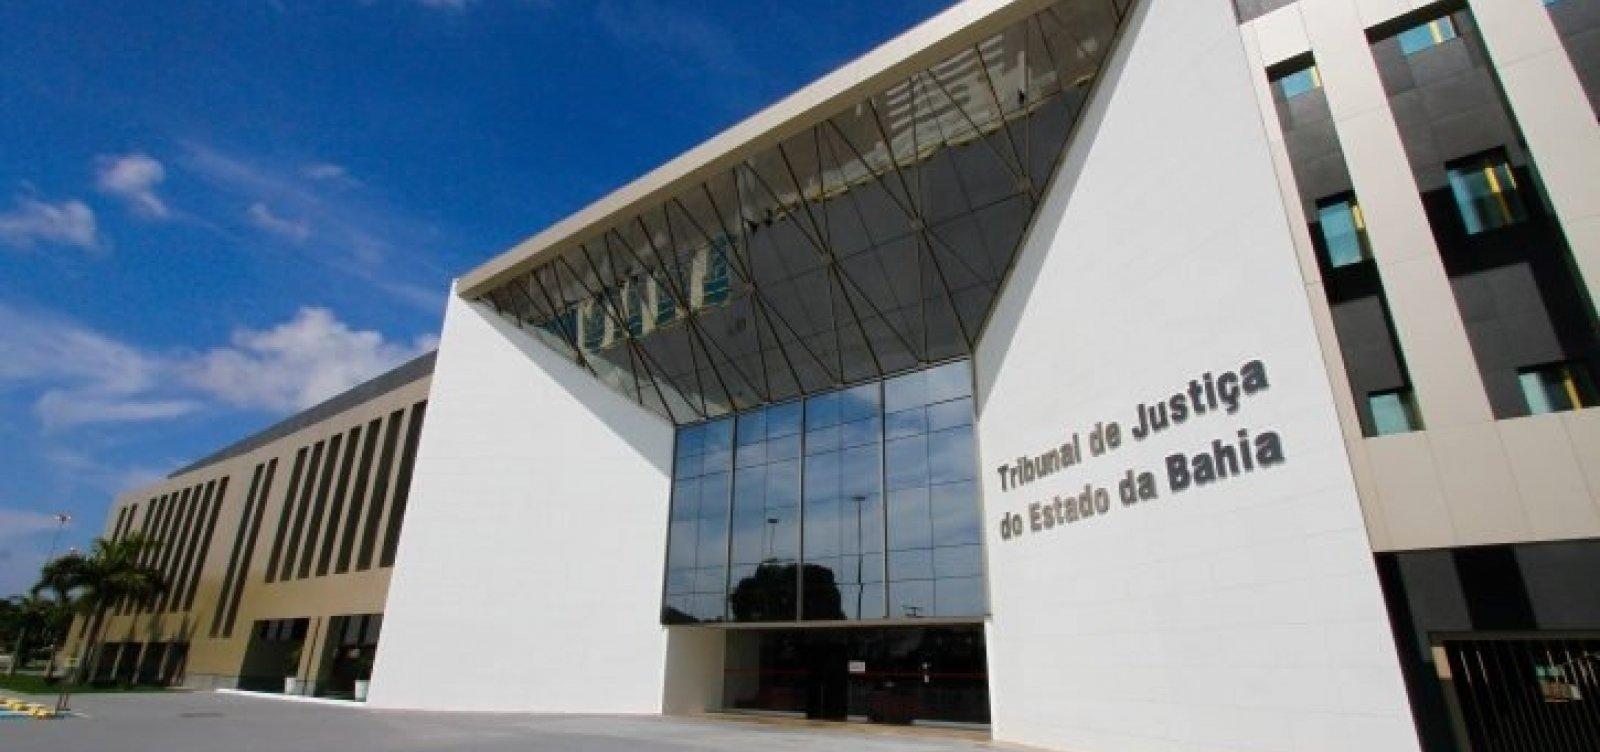 Seis procuradores do MP disputam vaga de desembargador no TJ-BA